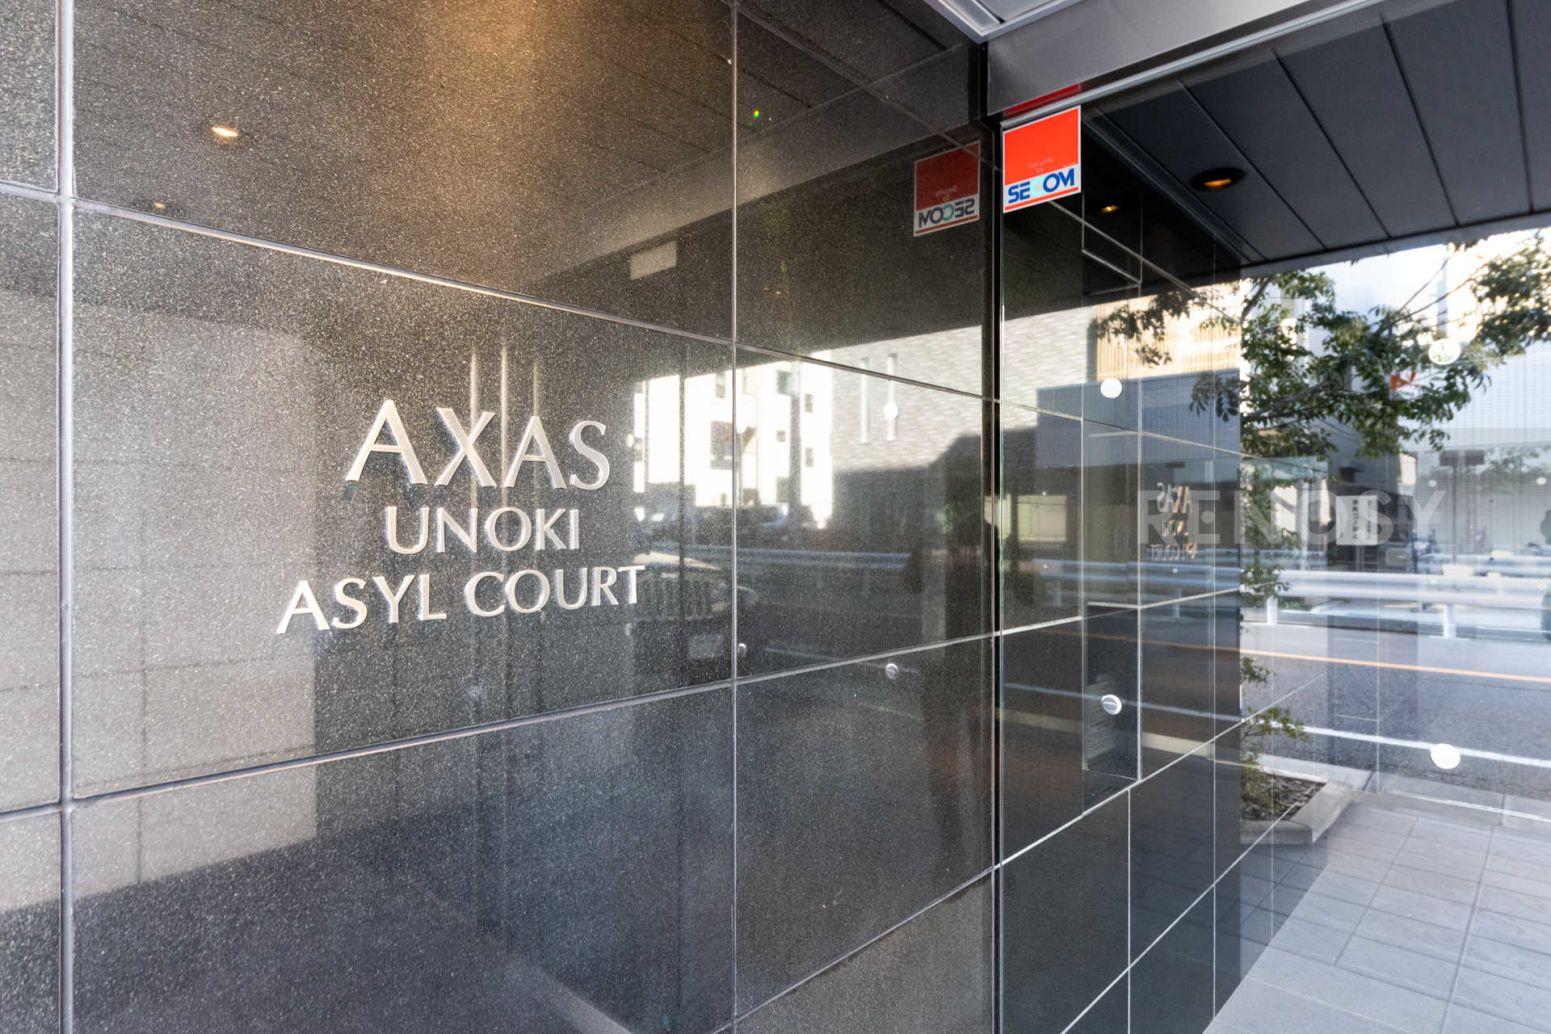 AXAS鵜の木アジールコート